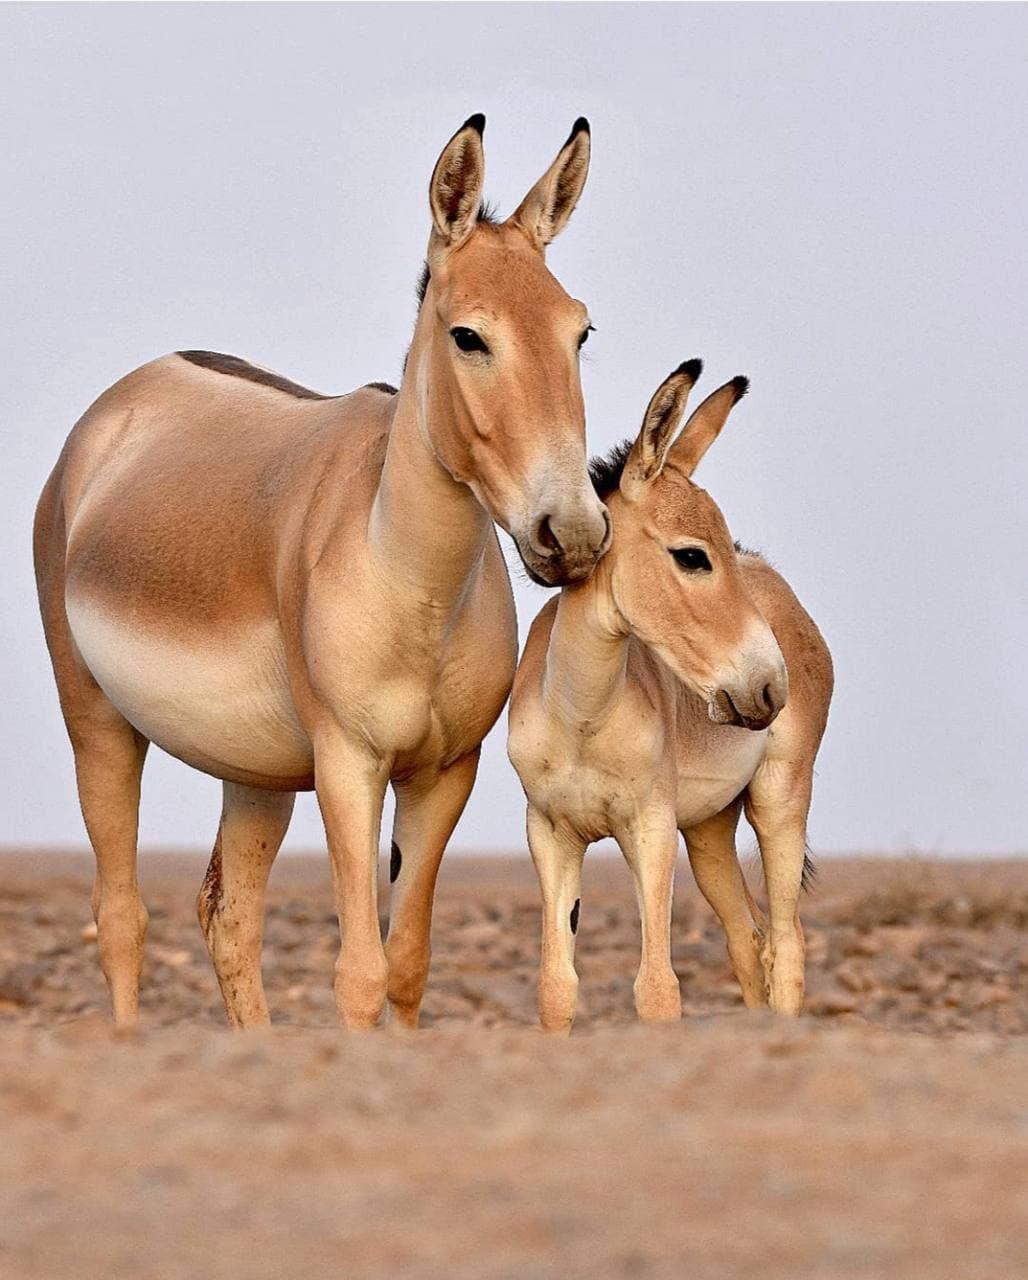 تصویری جالب از گورخر ایرانی و بچهاش